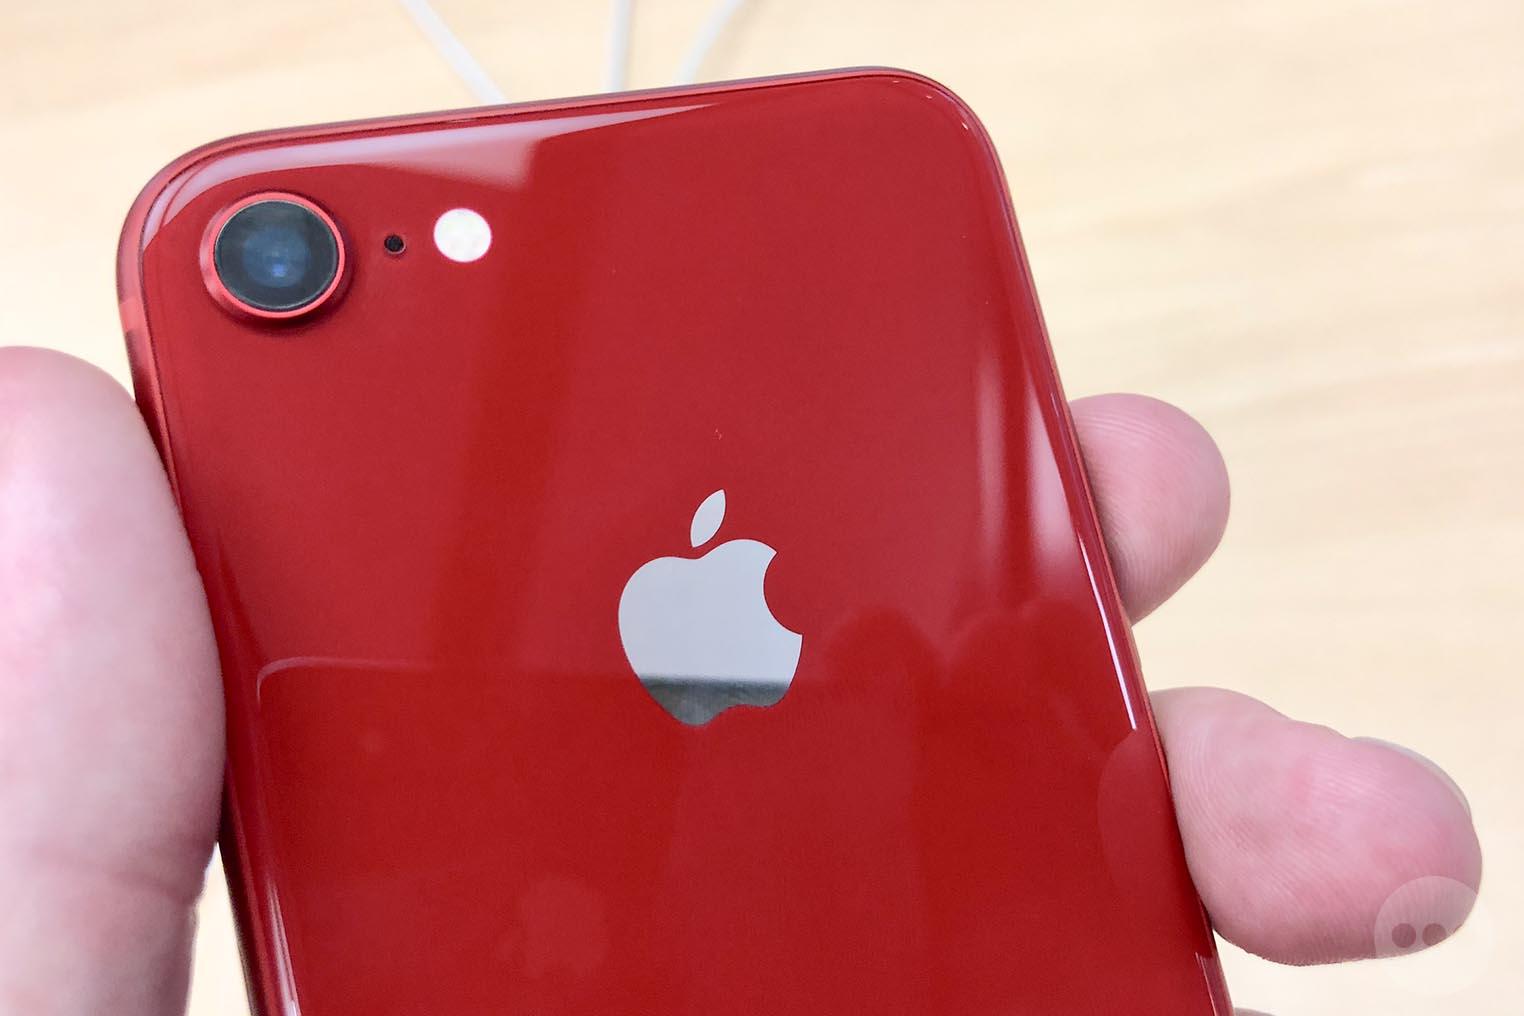 consomac l 39 iphone 8 rouge est disponible en boutique. Black Bedroom Furniture Sets. Home Design Ideas